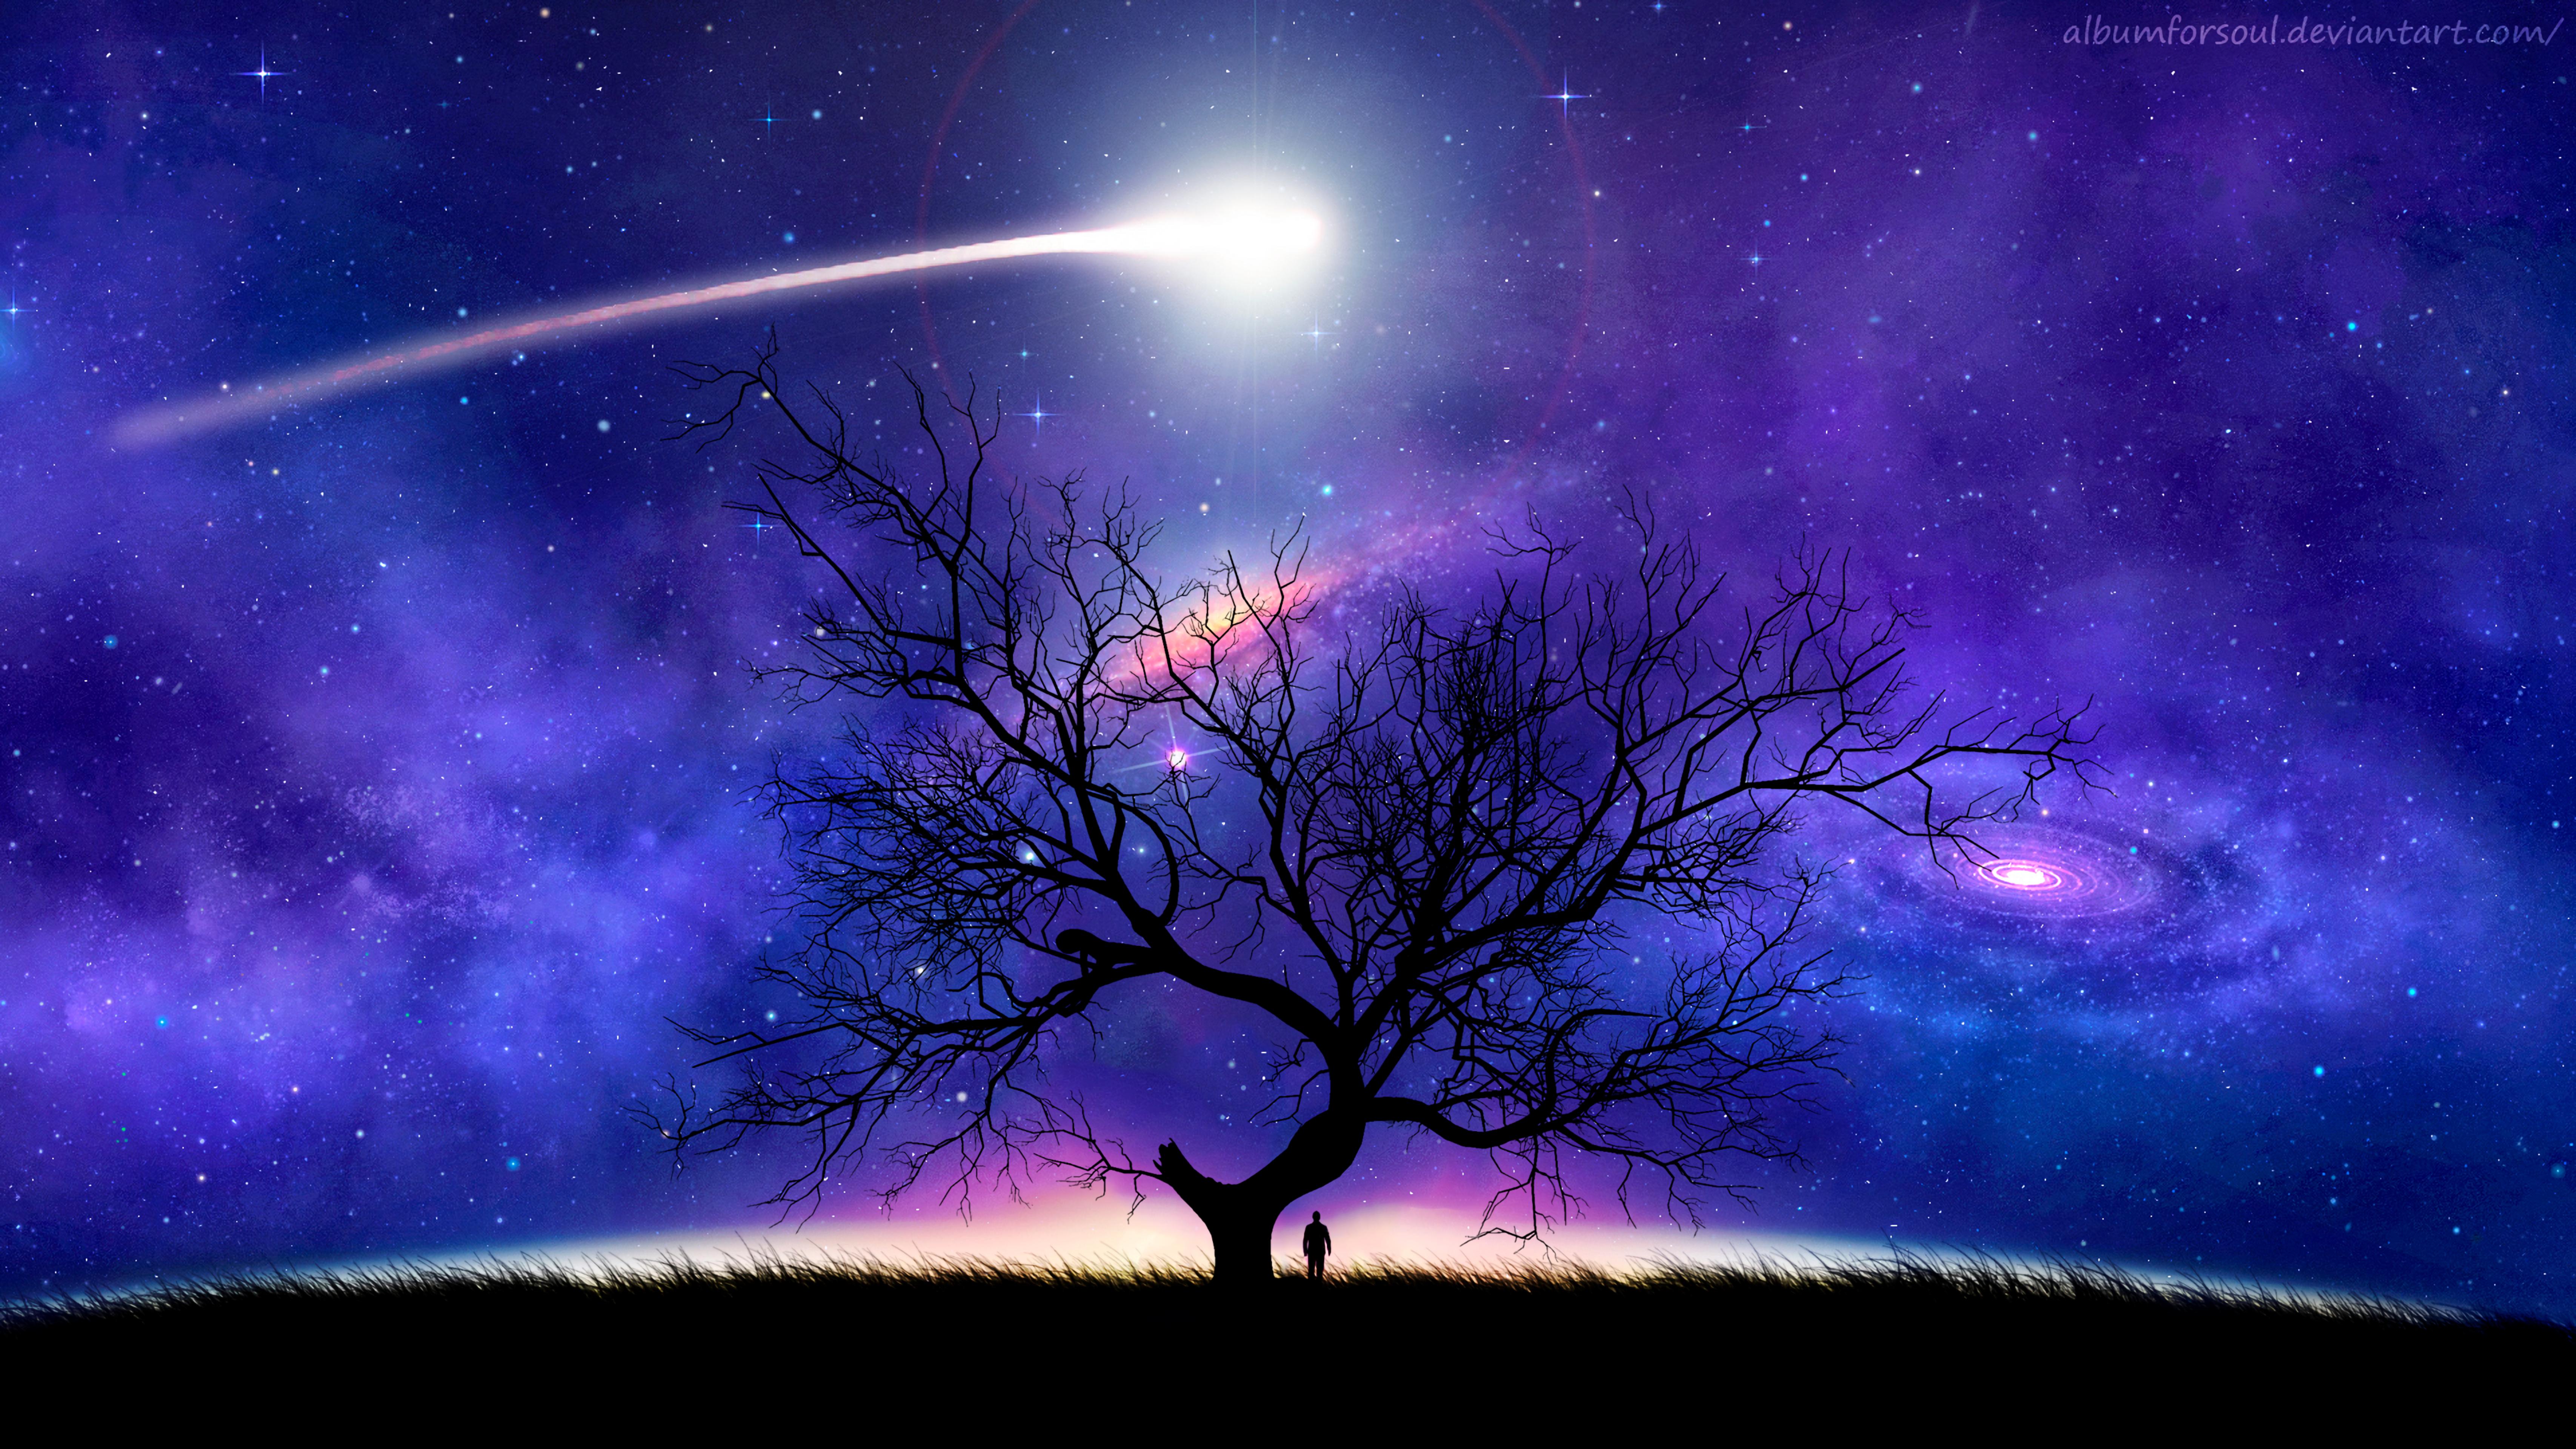 120942 скачать обои Космос, Ночь, Дерево, Арт, Силуэт, Звездное Небо, Комета - заставки и картинки бесплатно